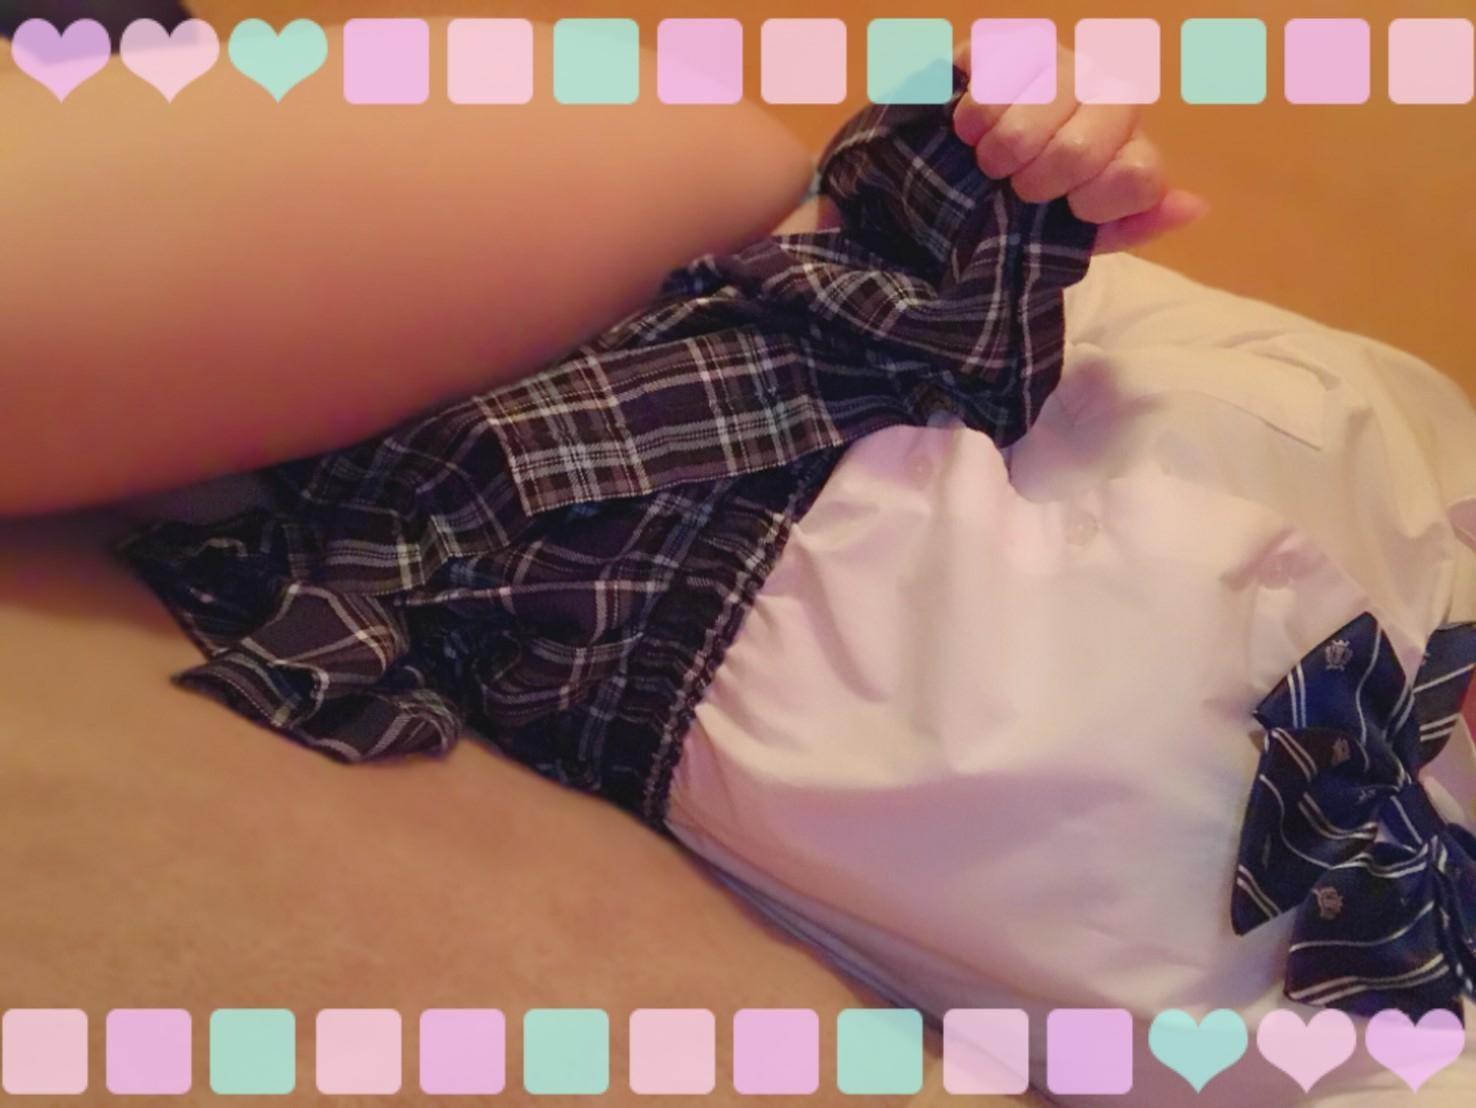 「♥」09/12(09/12) 14:07 | マリアの写メ・風俗動画